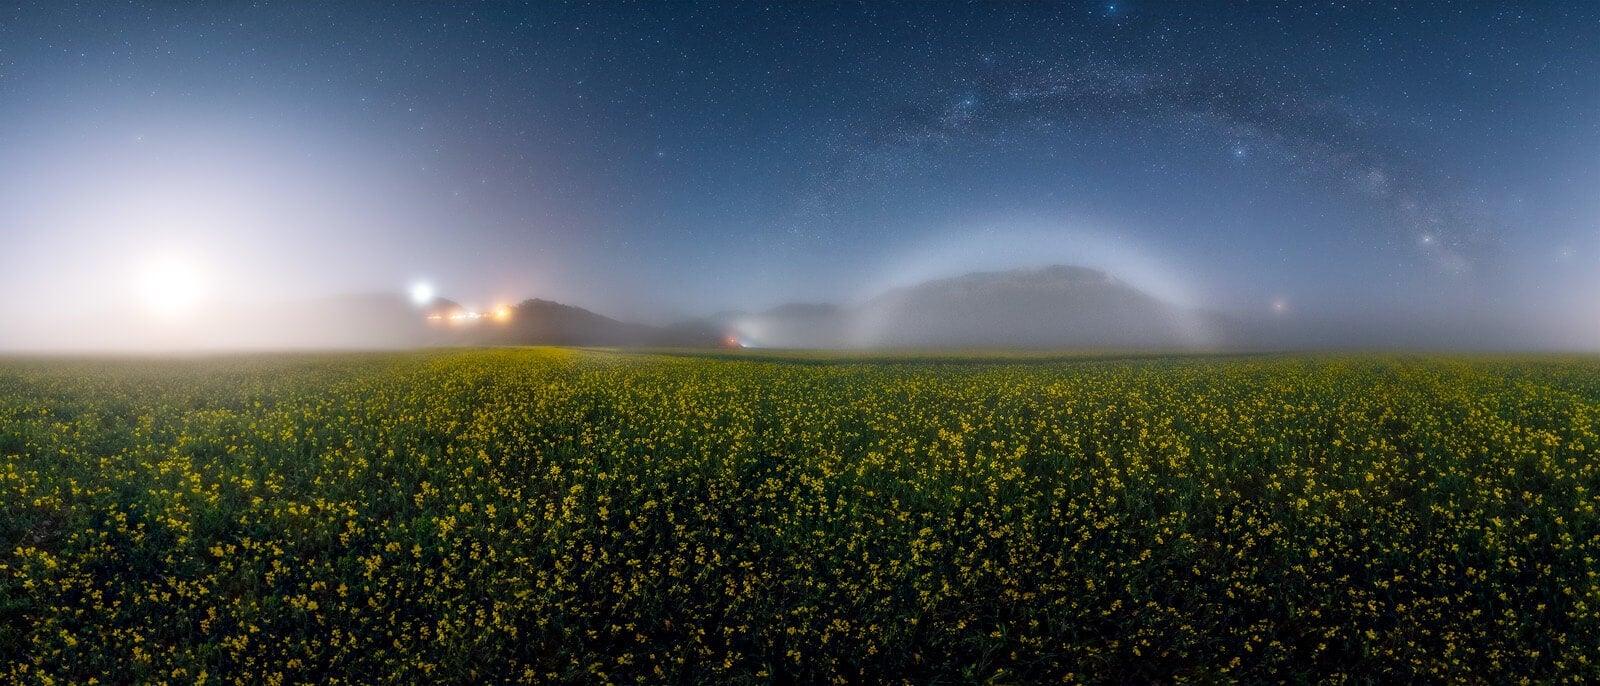 campo fiorito con nebbia e stelle